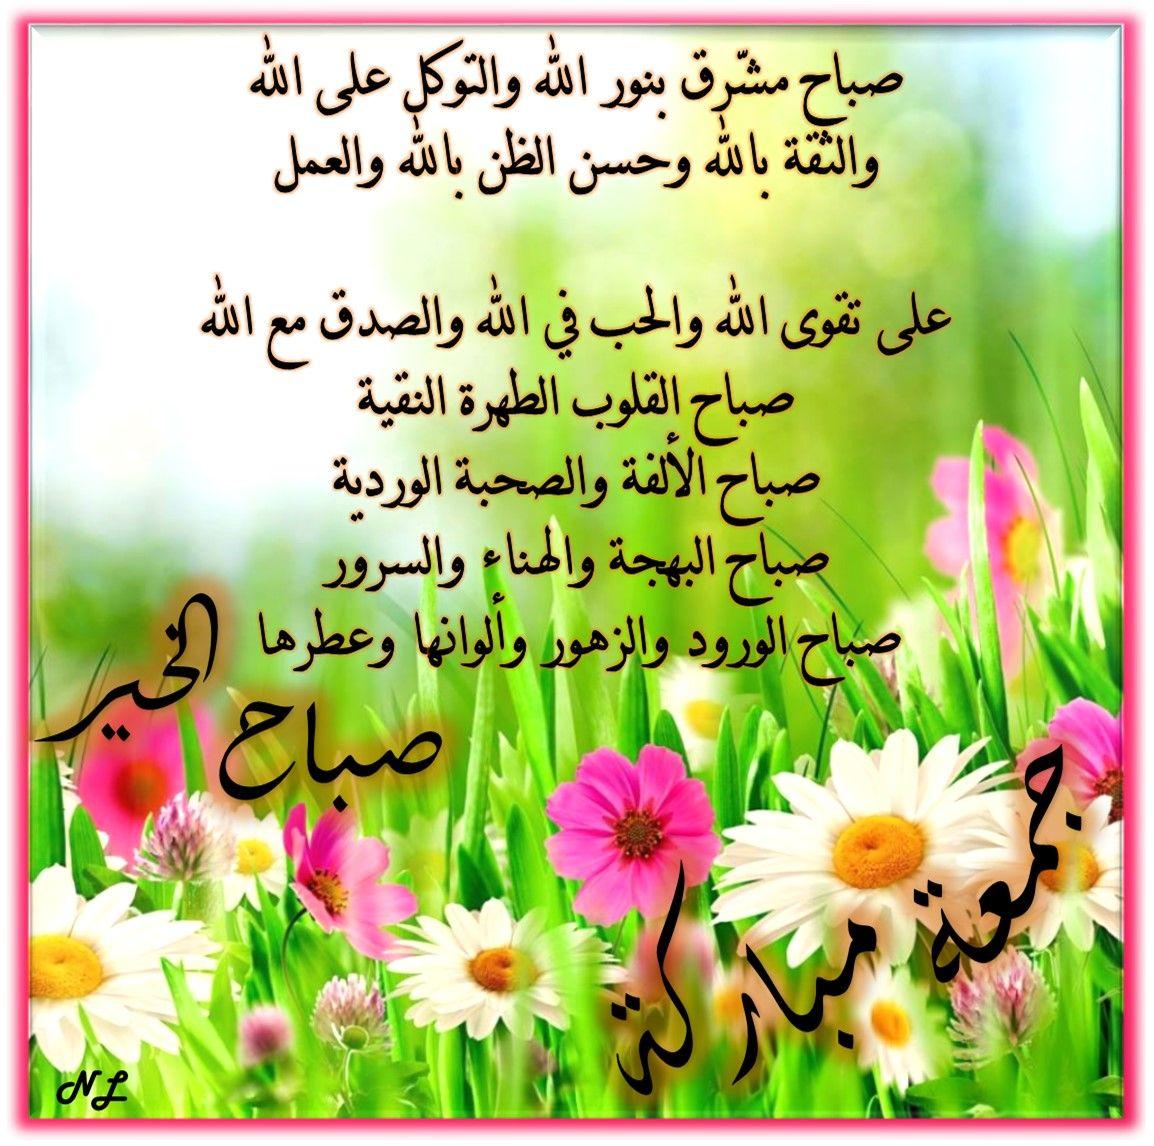 جمعة مباركة صباح الخير Words Quotes Romantic Love Quotes Words